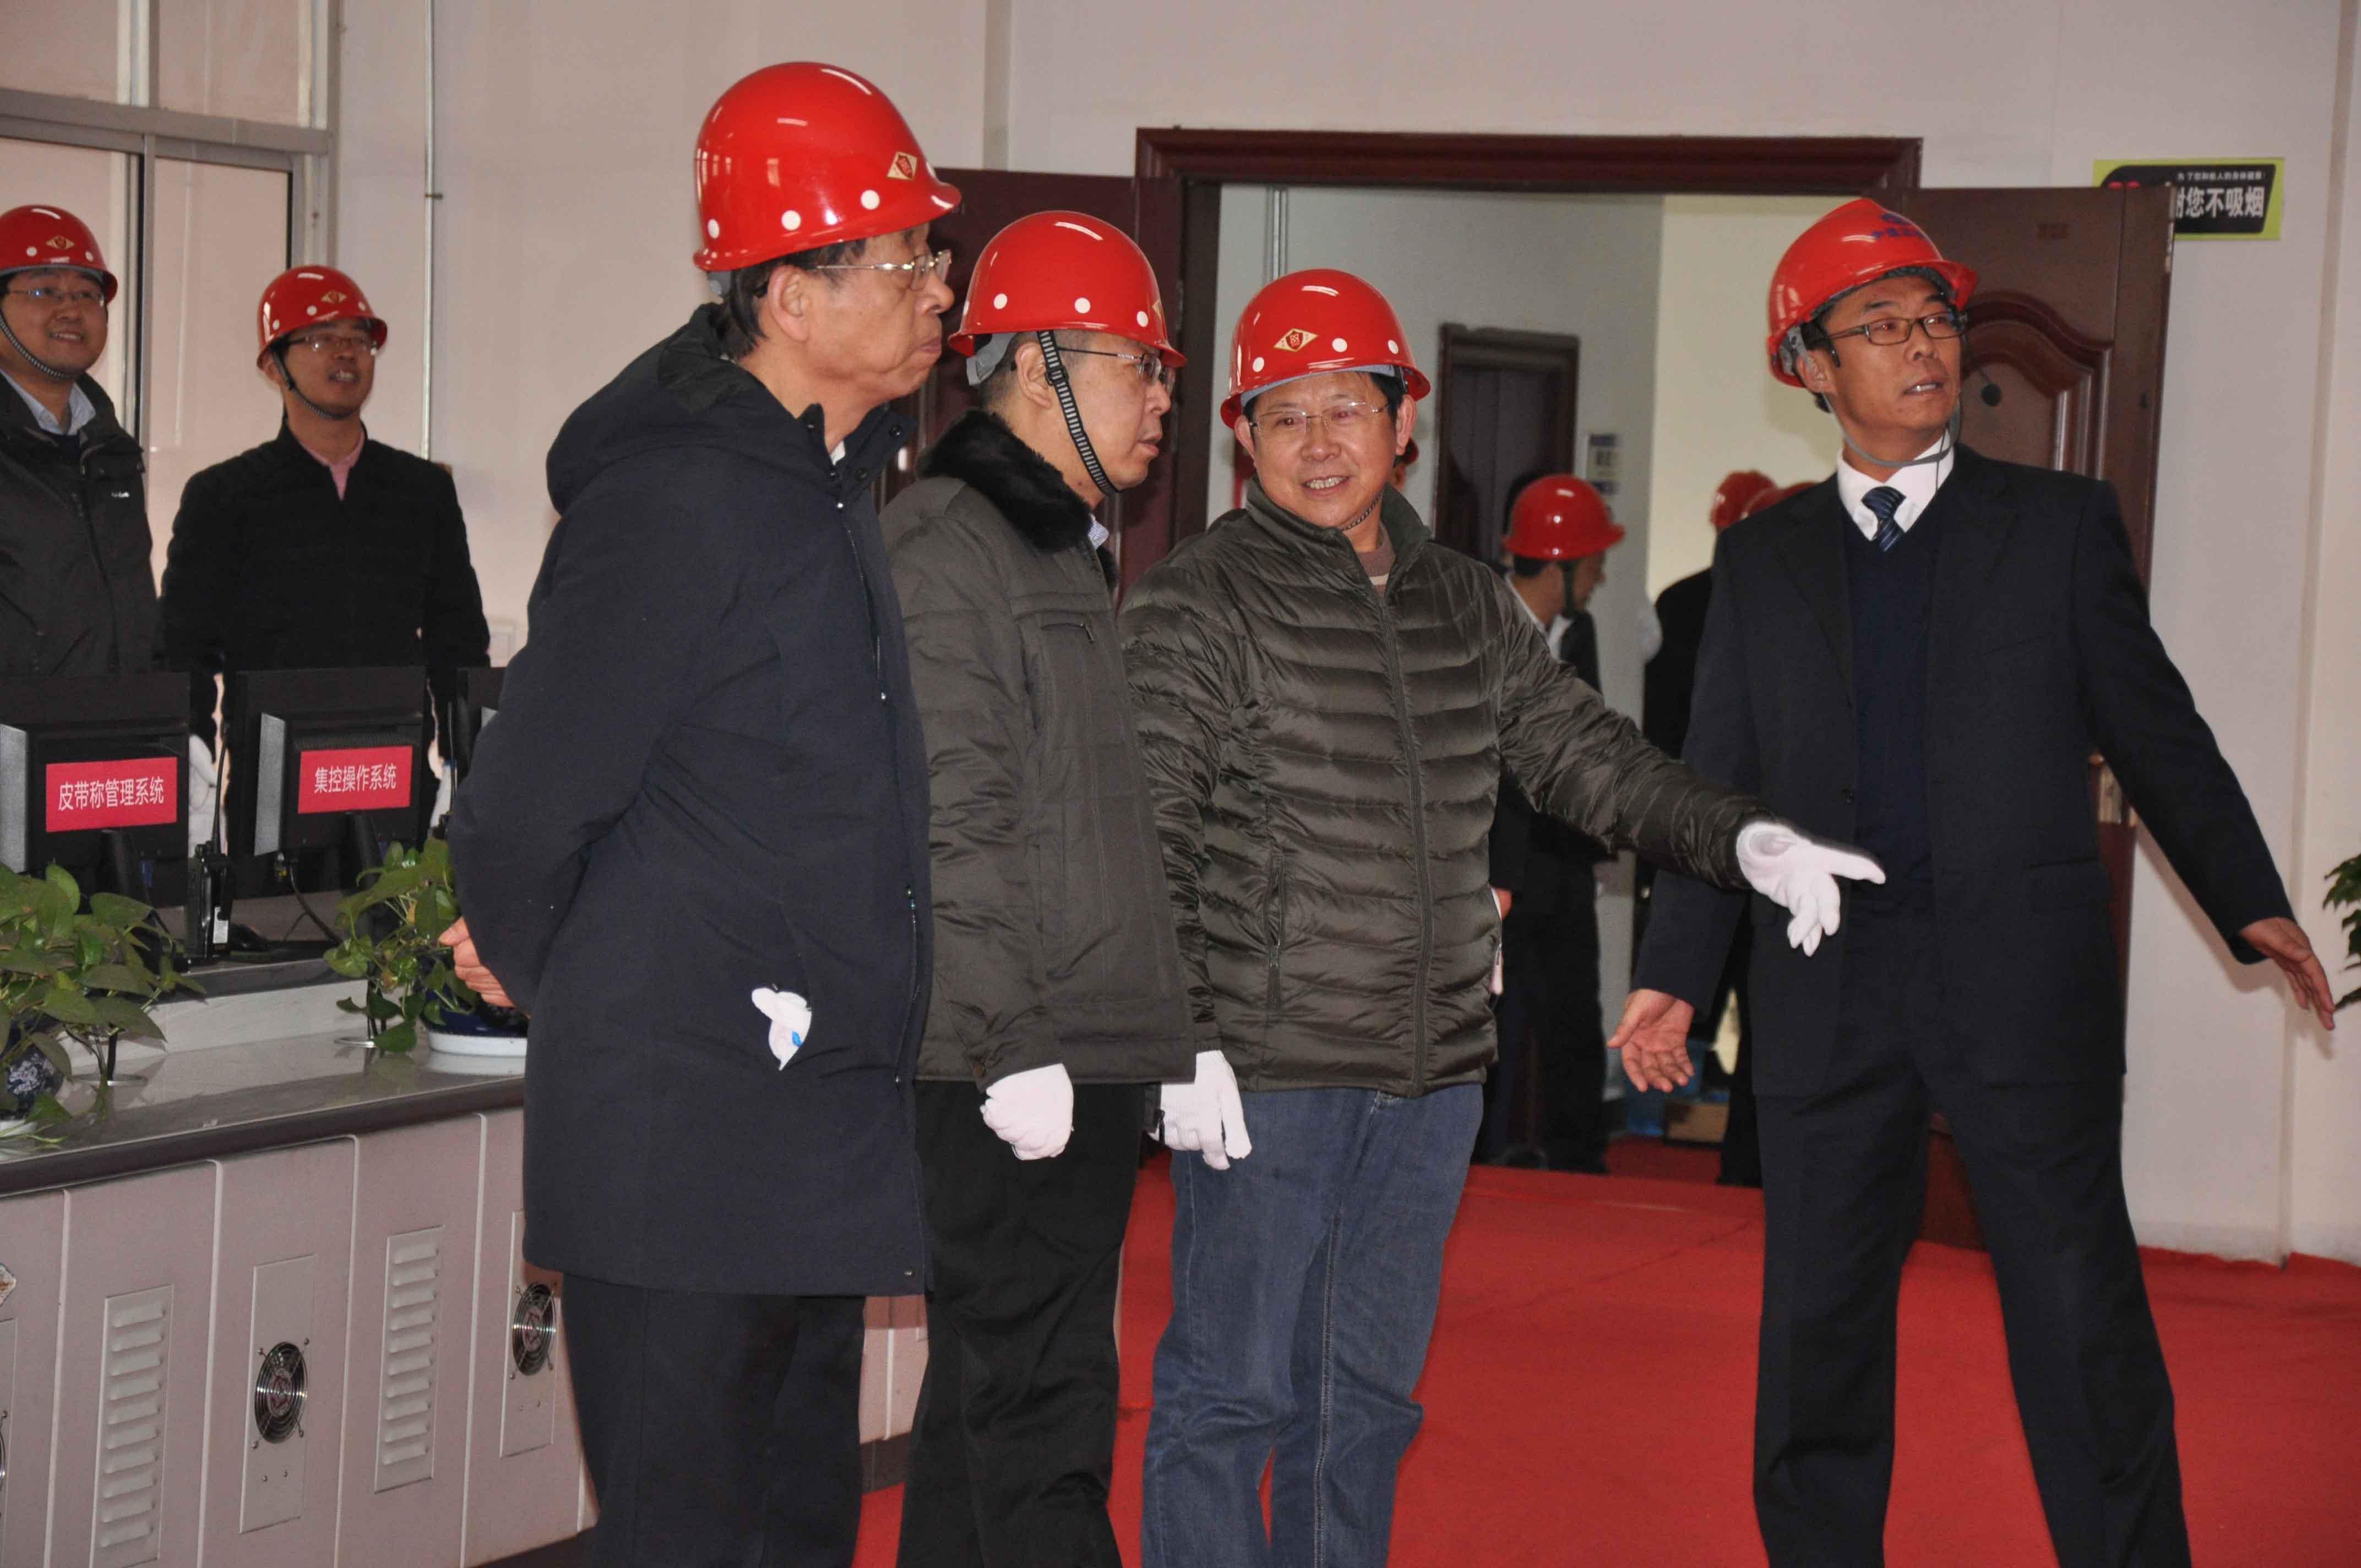 喜讯-小庄选煤厂通过行业一级质量标准化选煤厂验收